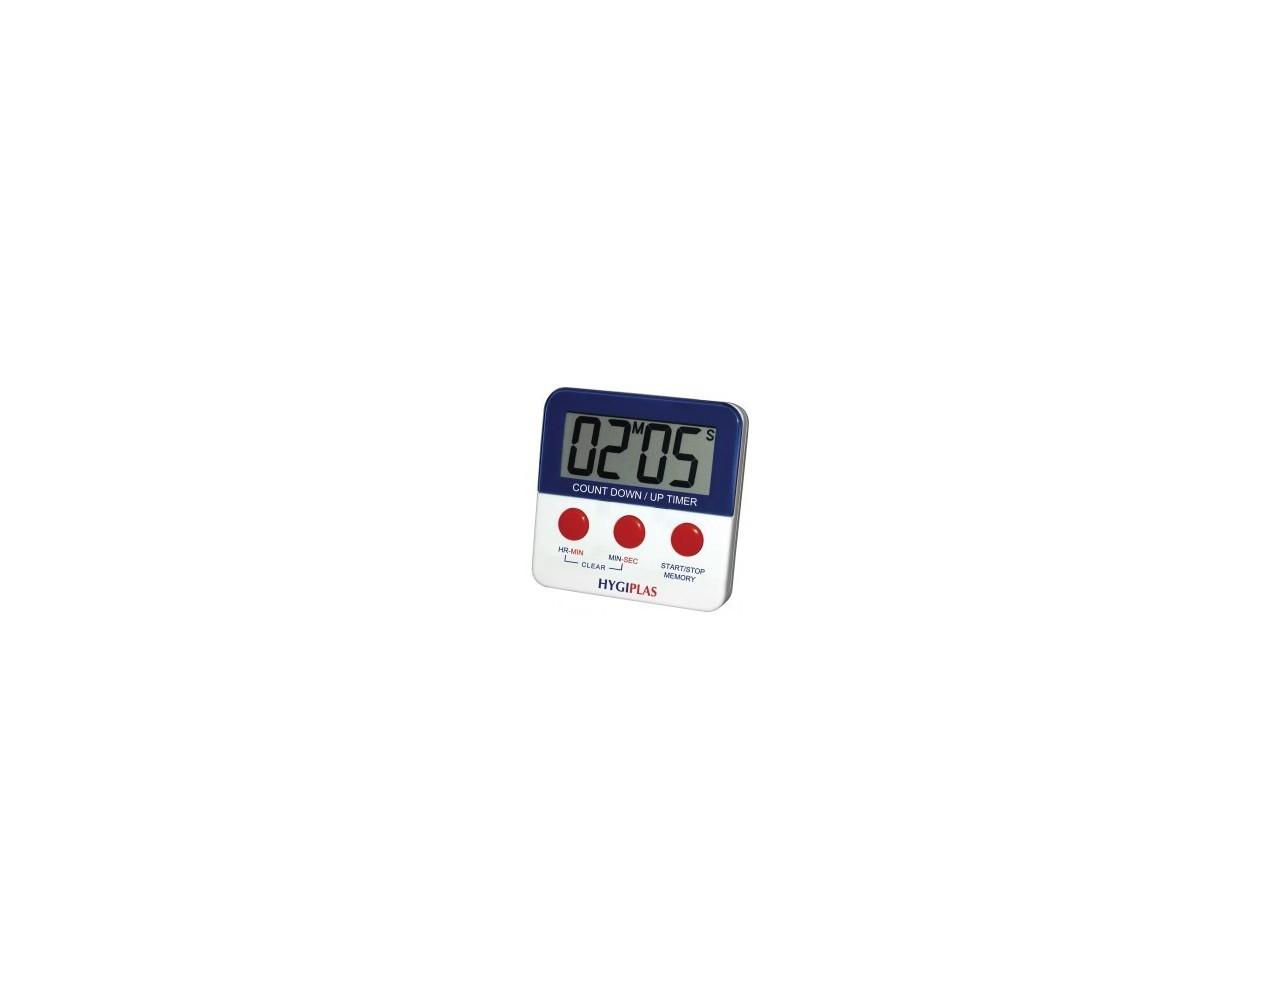 Thermomètres et minuteurs